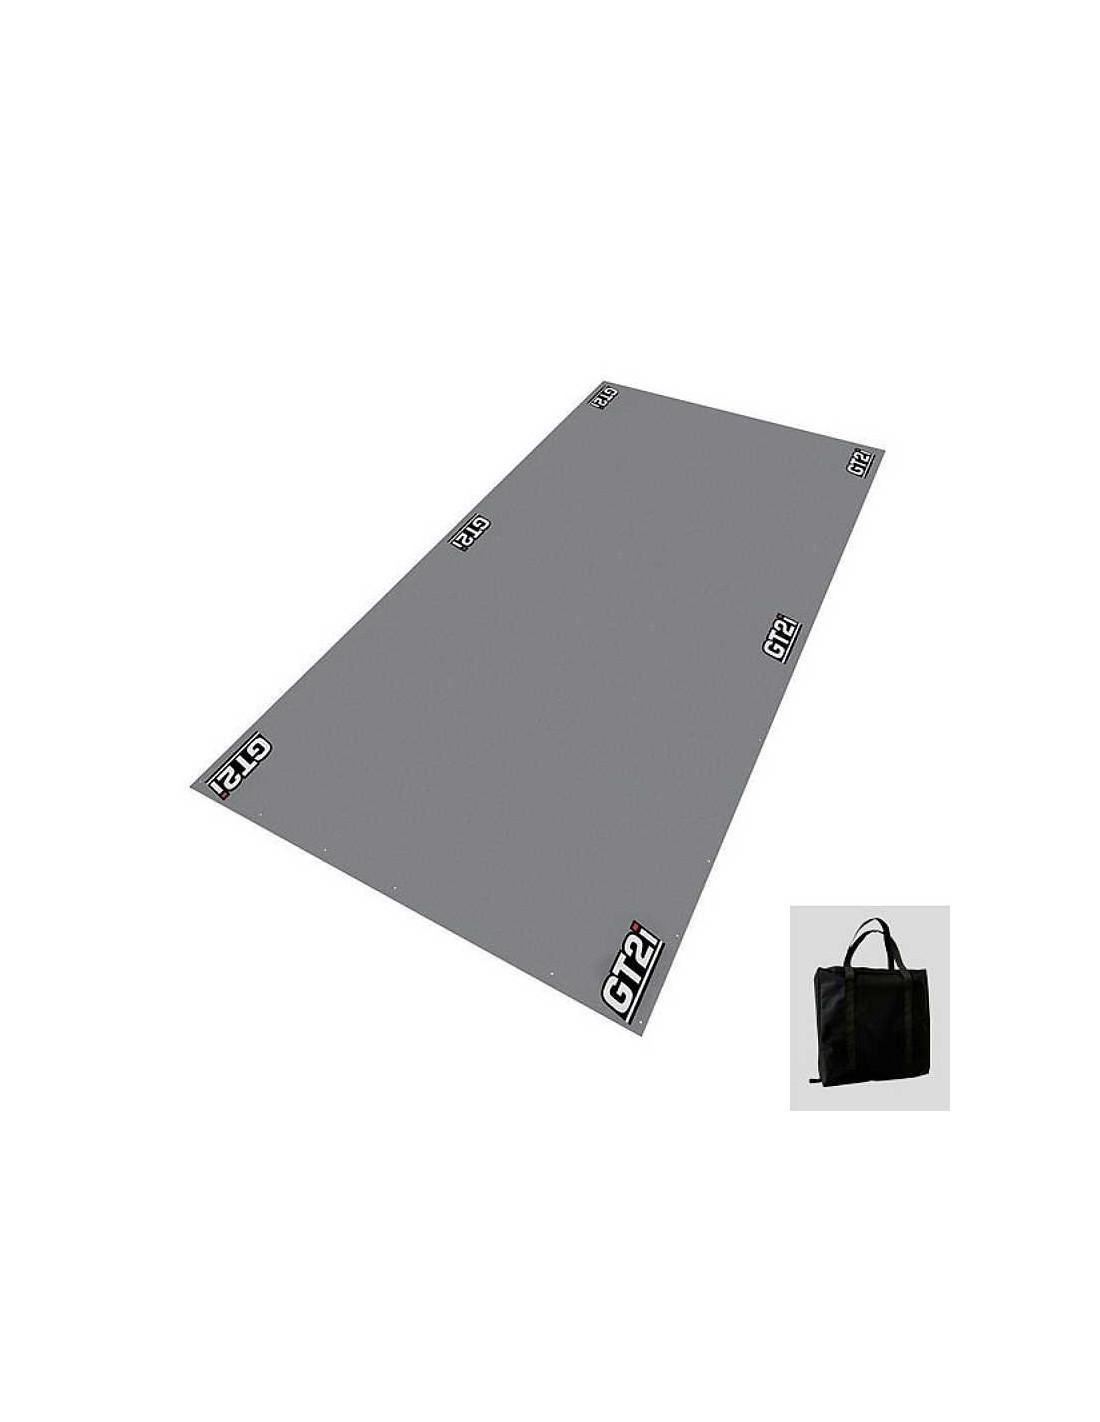 b che de sol pour assistance pvc gris 650gr m 3 x 6 m tres. Black Bedroom Furniture Sets. Home Design Ideas